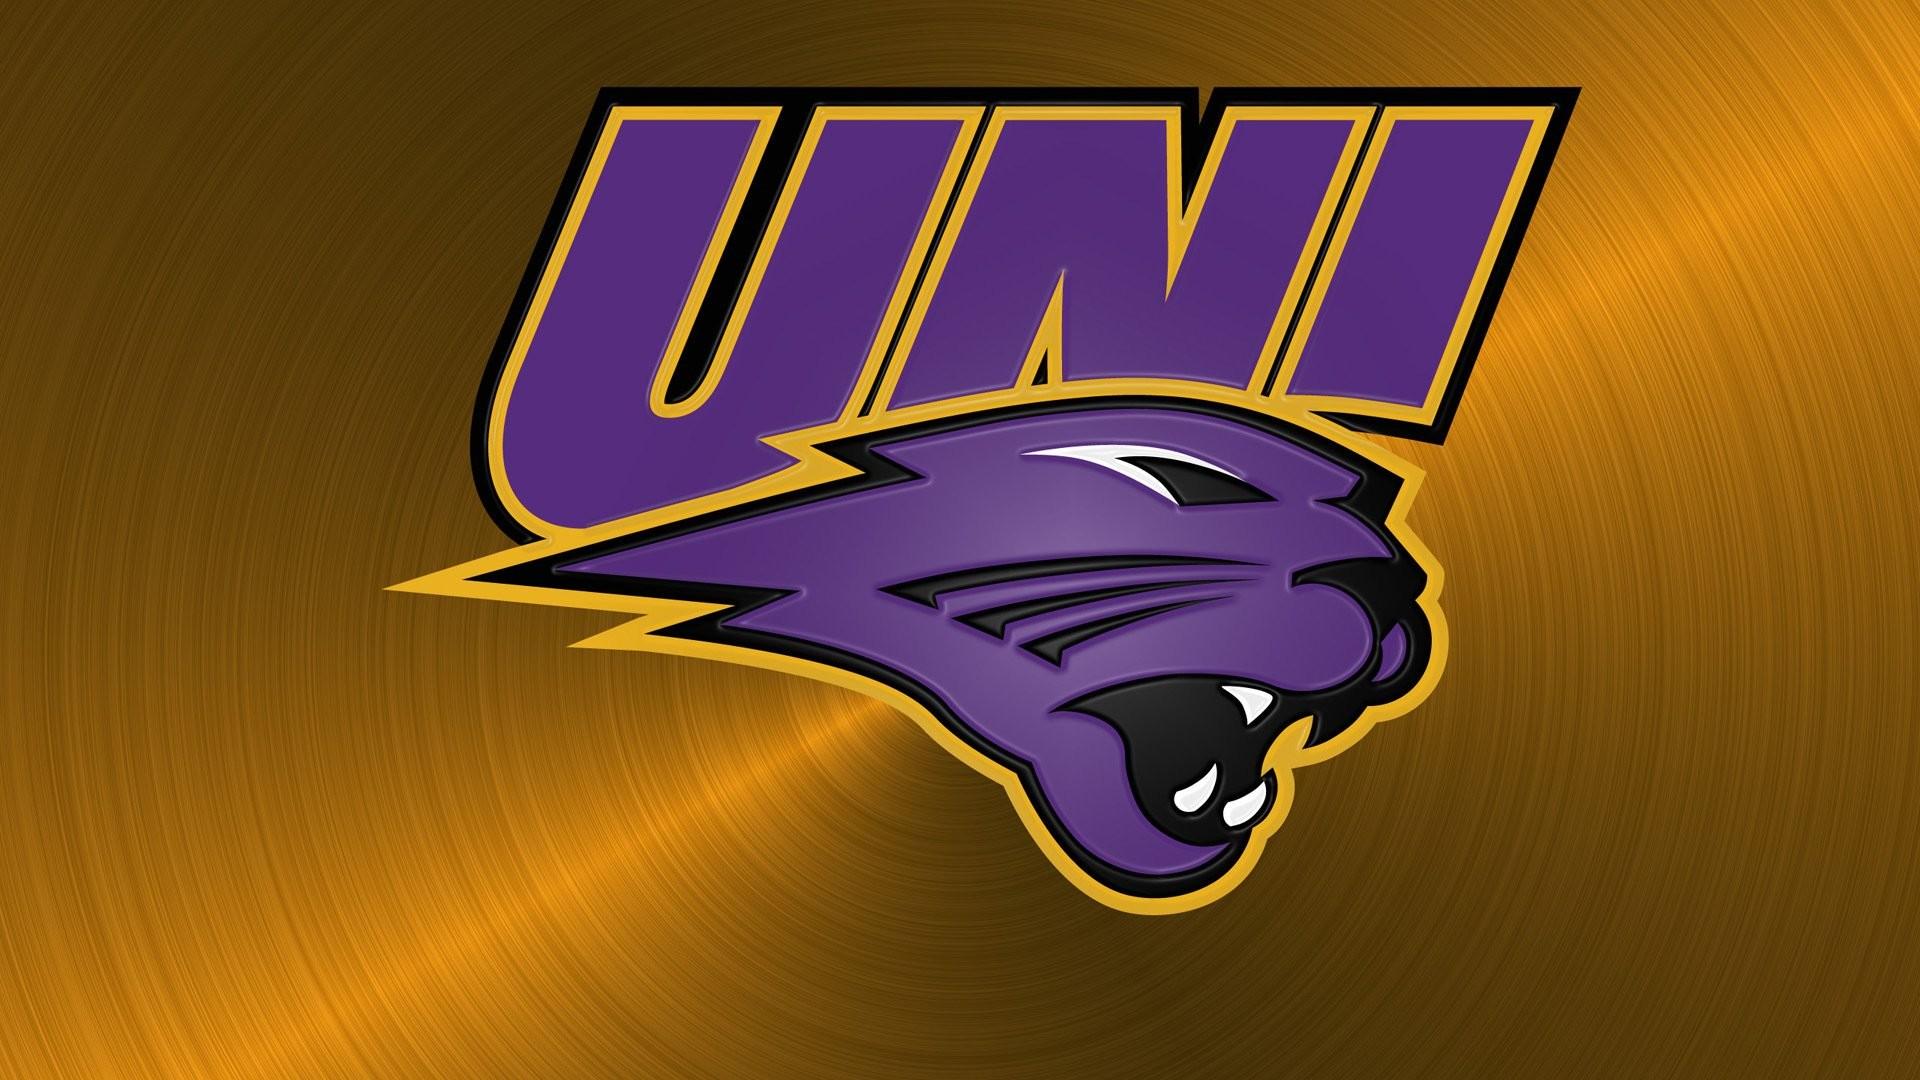 University Of Northern Iowa 307477